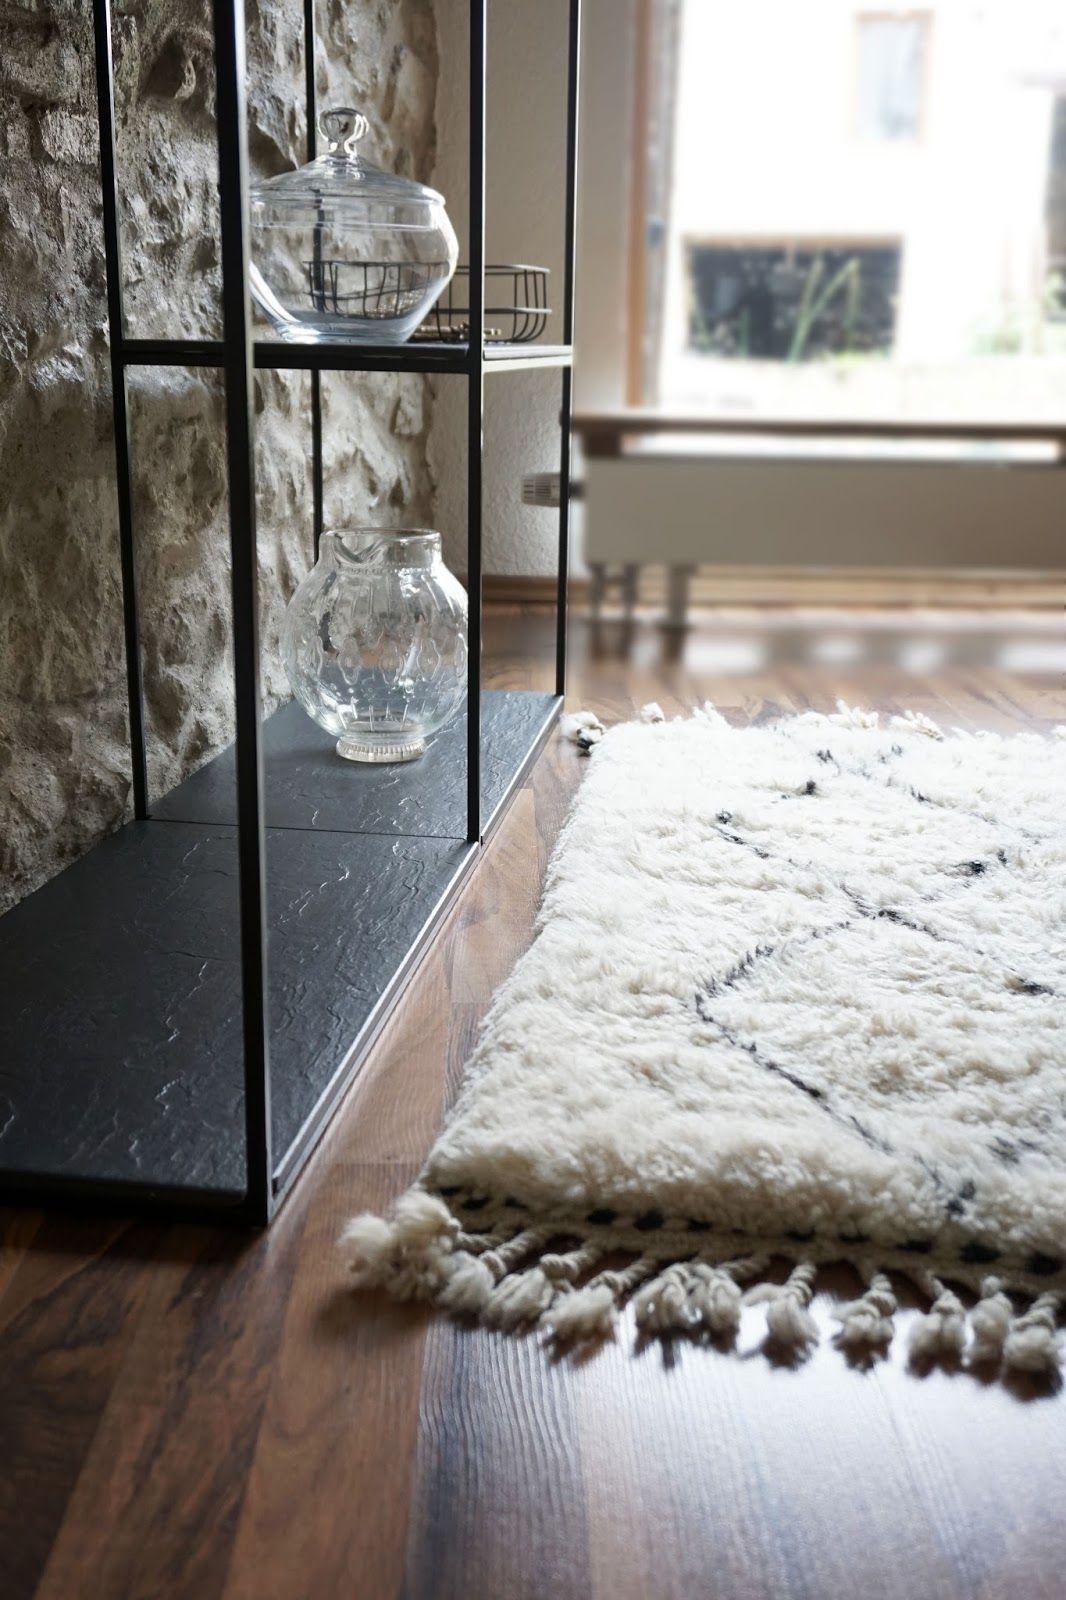 Verzauberkunst Skandinavische Teppiche Ideen Von Beni Ourain Teppich, Design Teppich, Marokkanischer Teppich,